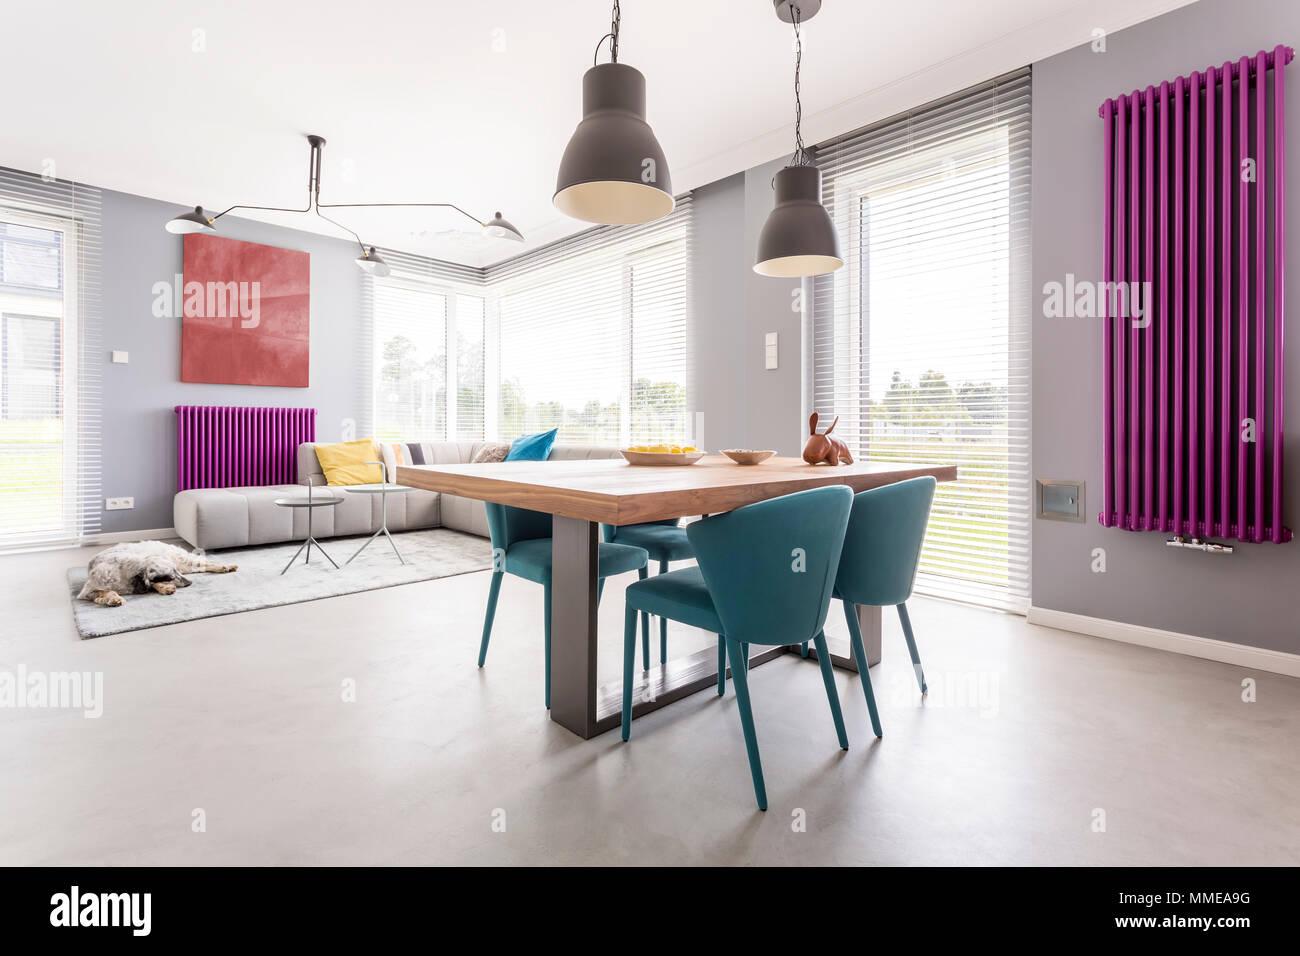 Accessori soggiorno finest decorazioni home arredamento accessori